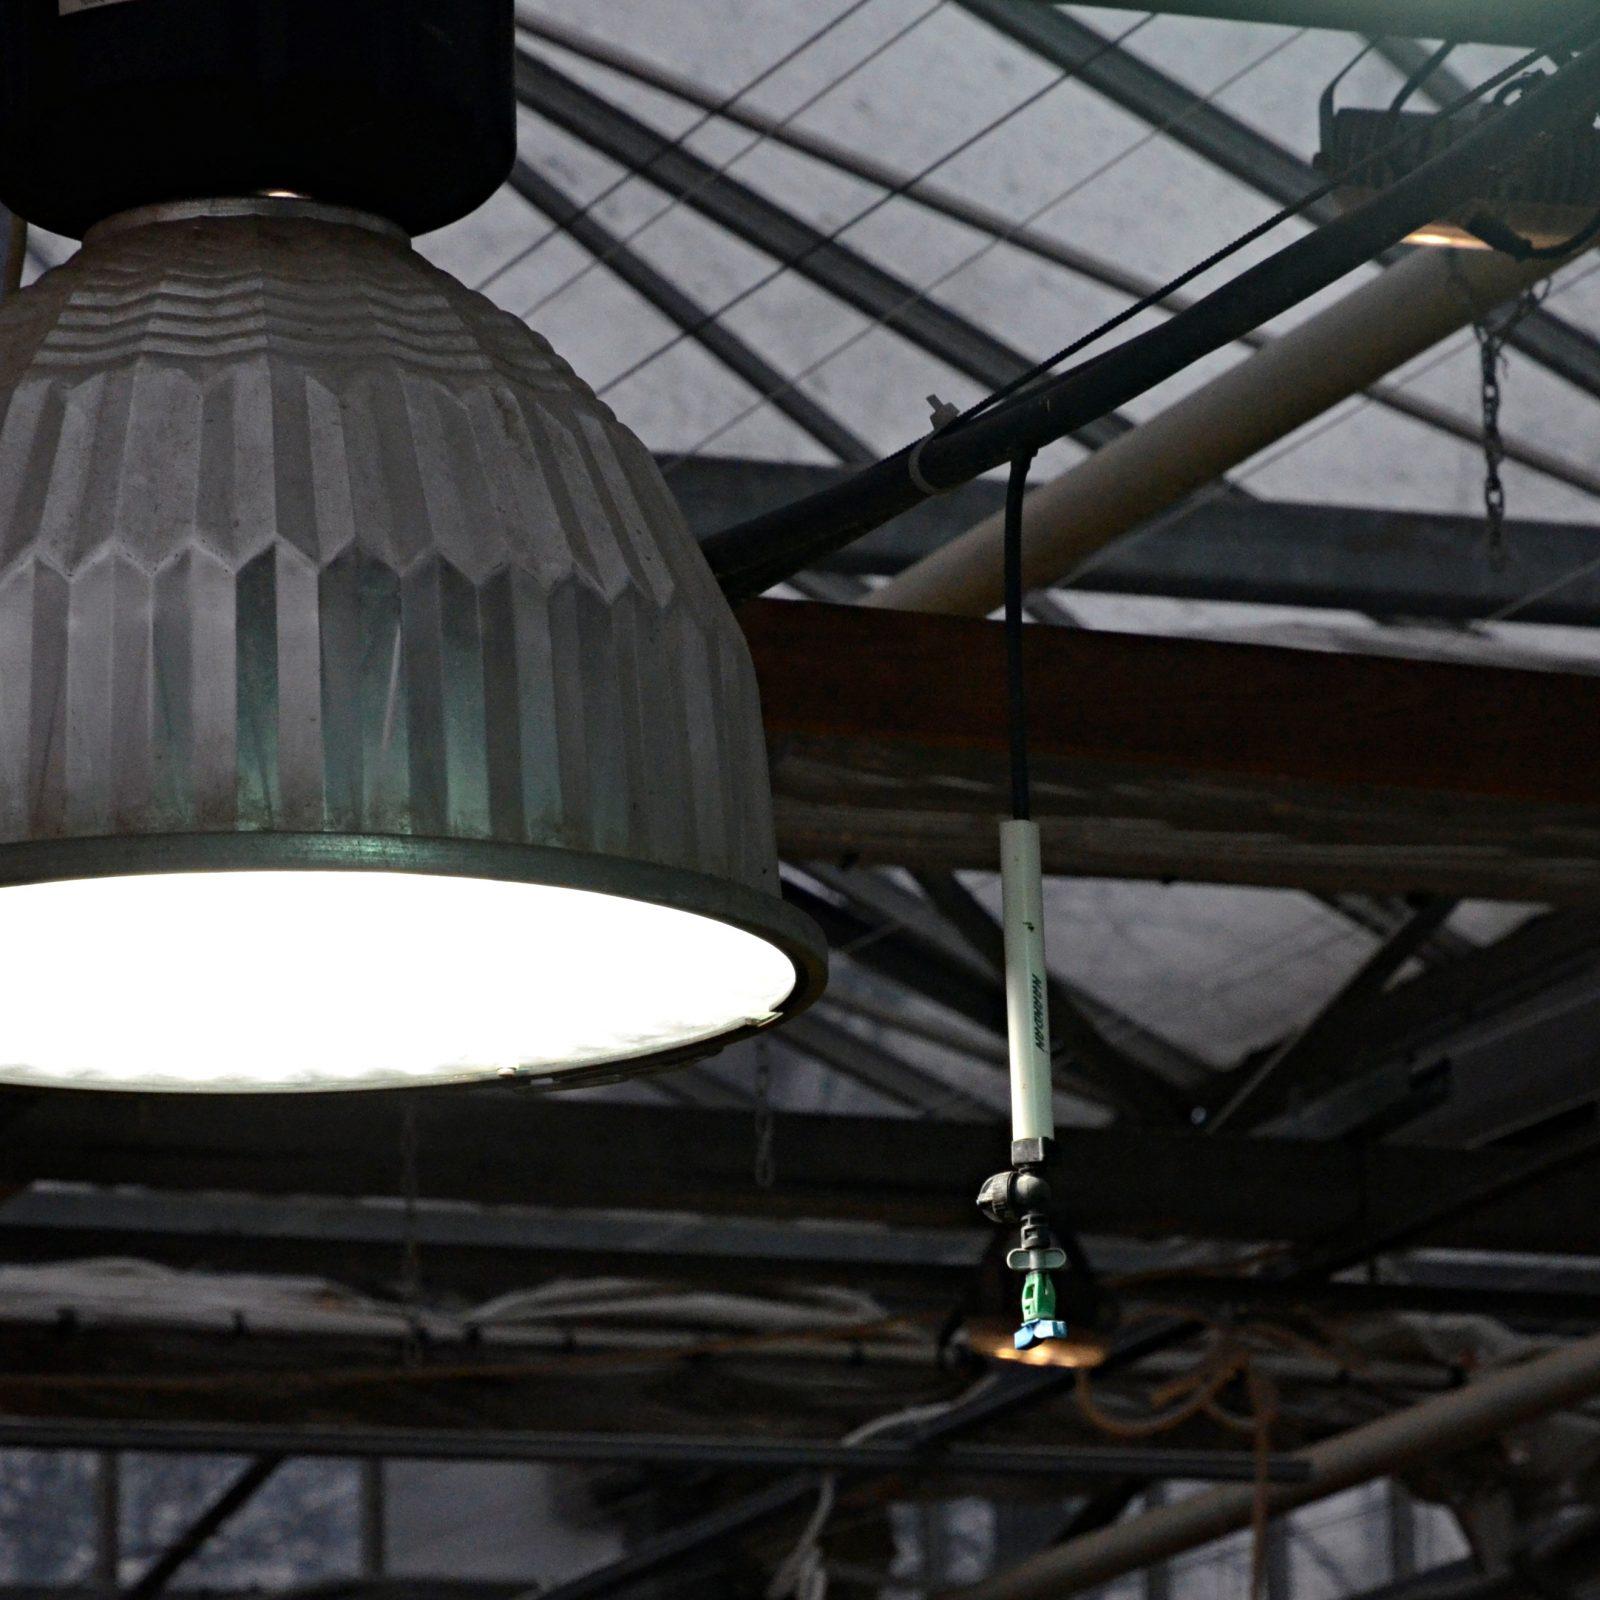 В павильоне созданы все условия для комфортного существования цветов: автоматическая система увлажнения, свет и отопление. Фото: Анна Быкова